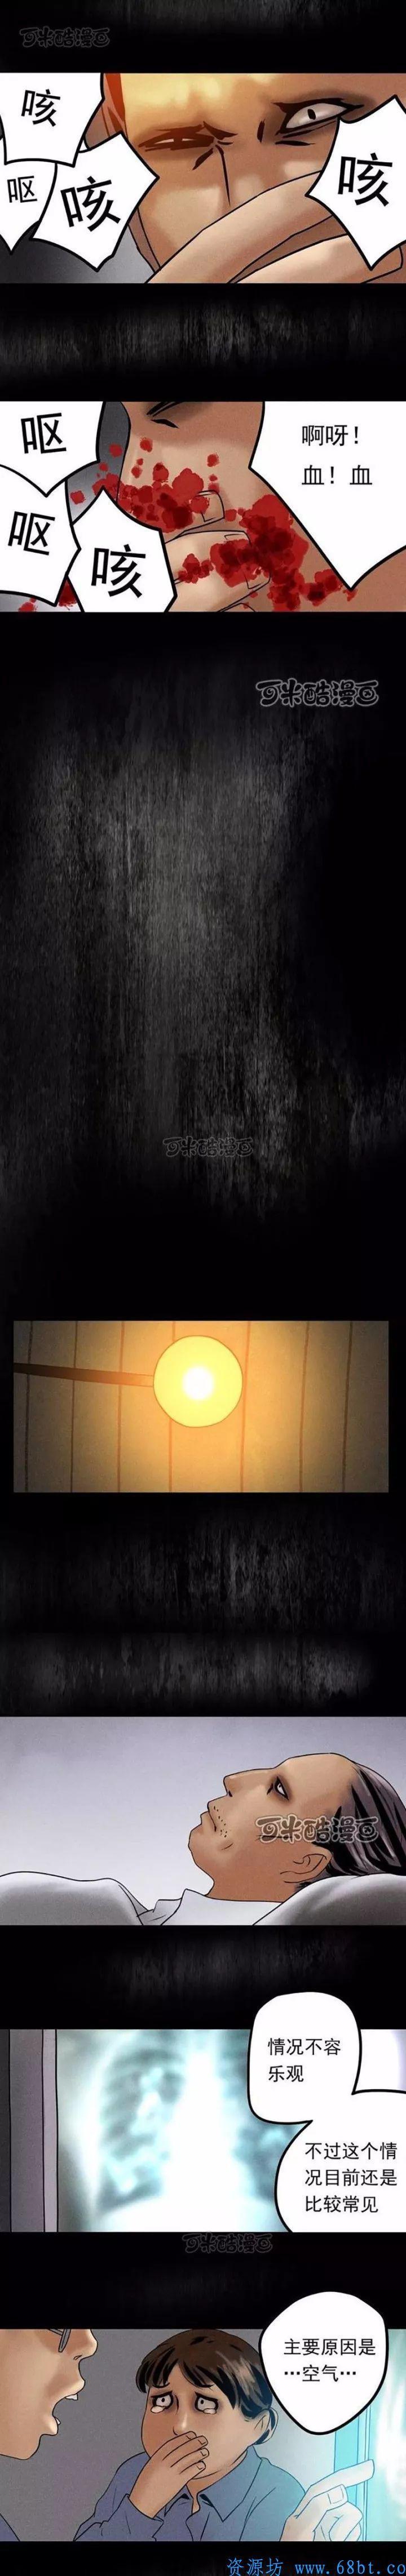 [恐怖漫画] 城,恐怖漫画,第16张